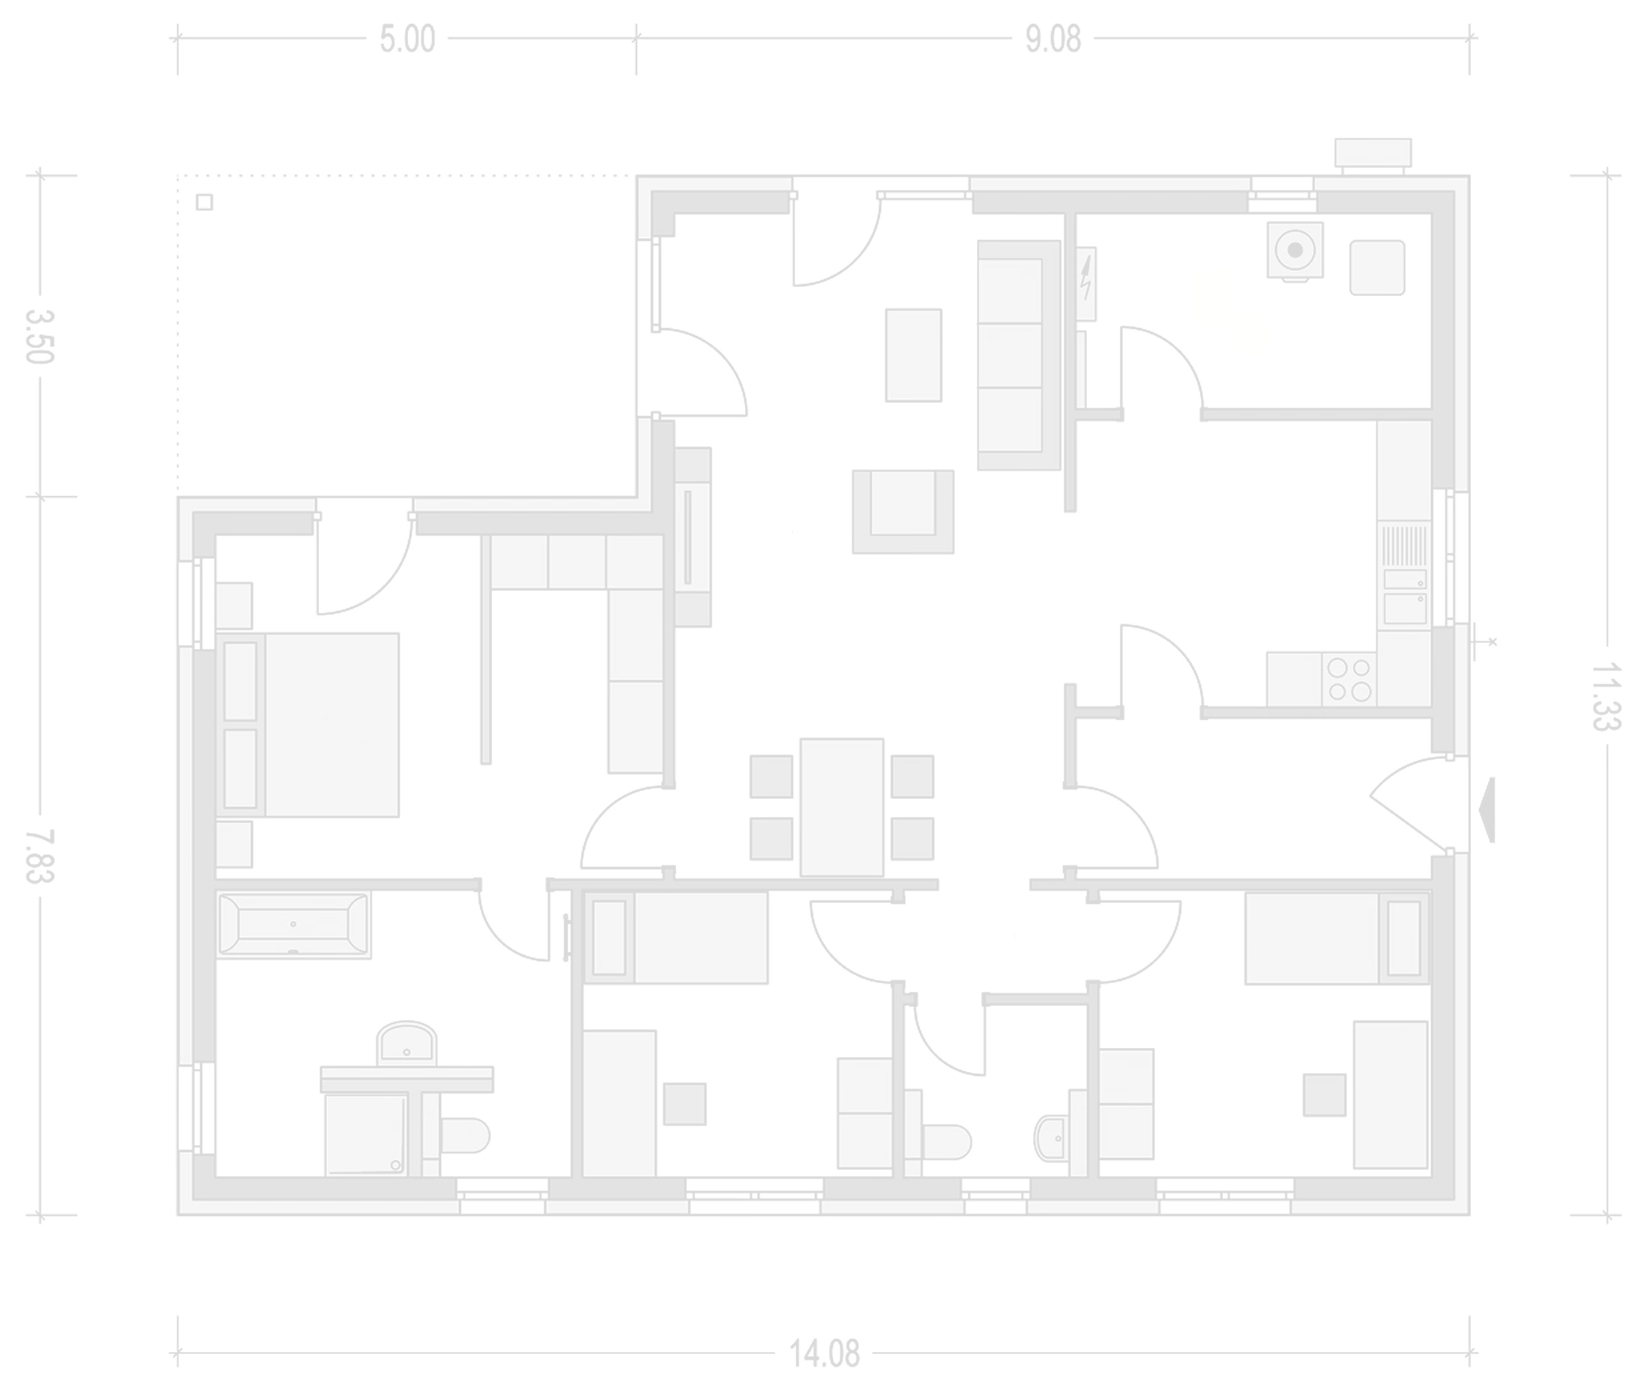 Planimetria della costruzione Casa in Legno modello Casa in legno passiva di Libianchi